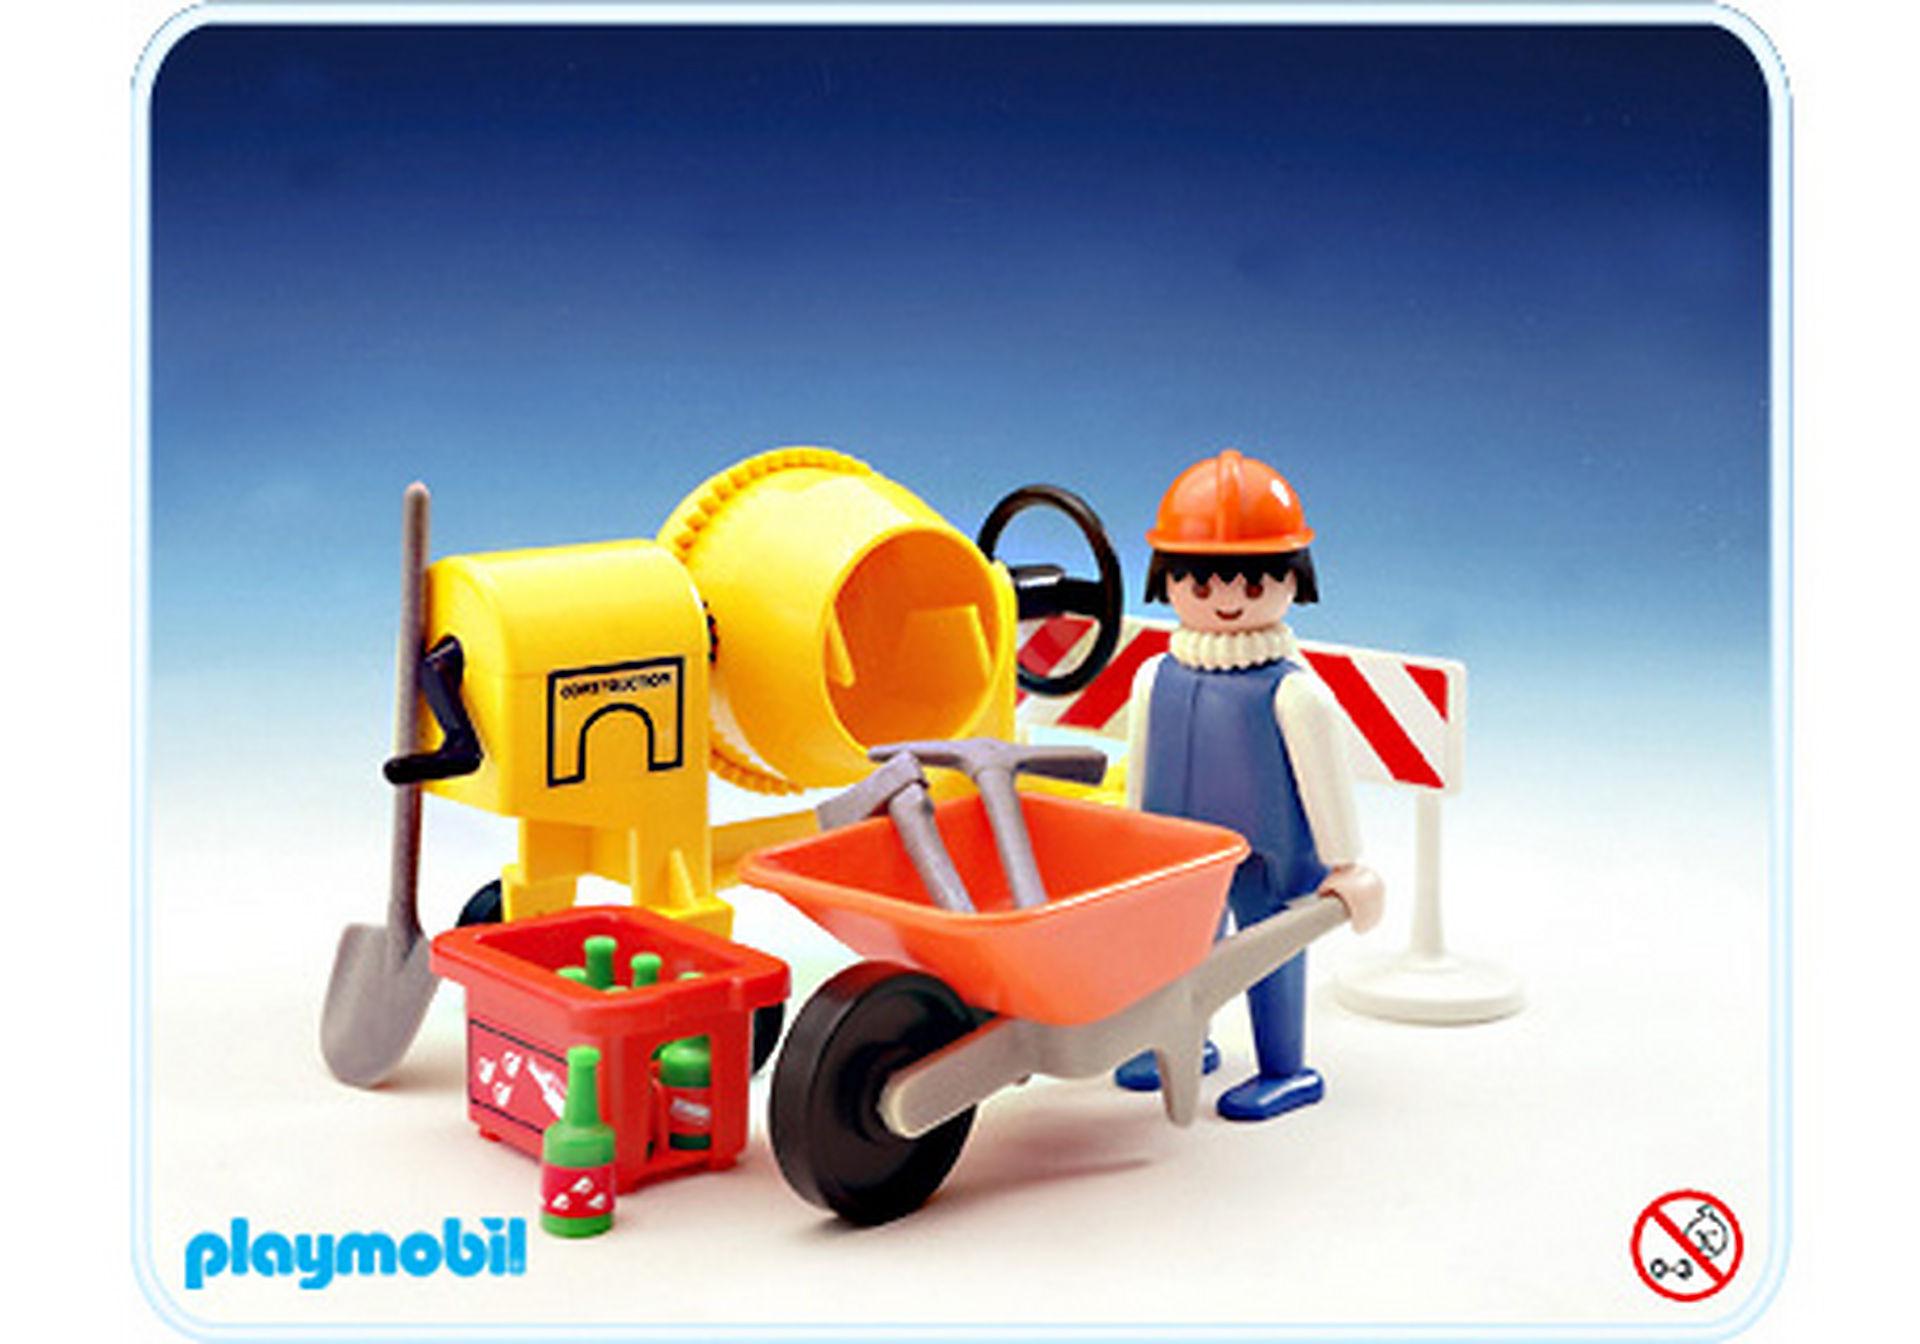 3562-A Bauarbeiter/Mörtelmischer zoom image1